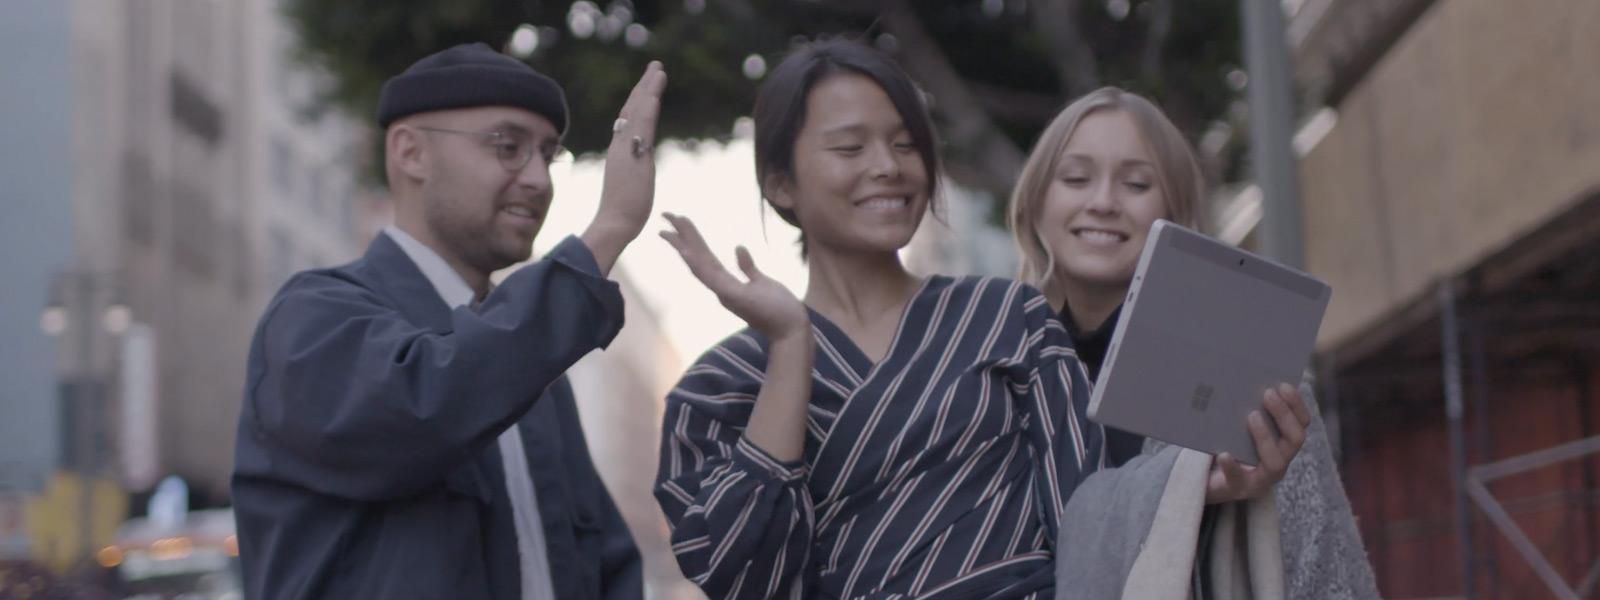 3 個人使用 Surface Go 進行視訊聊天